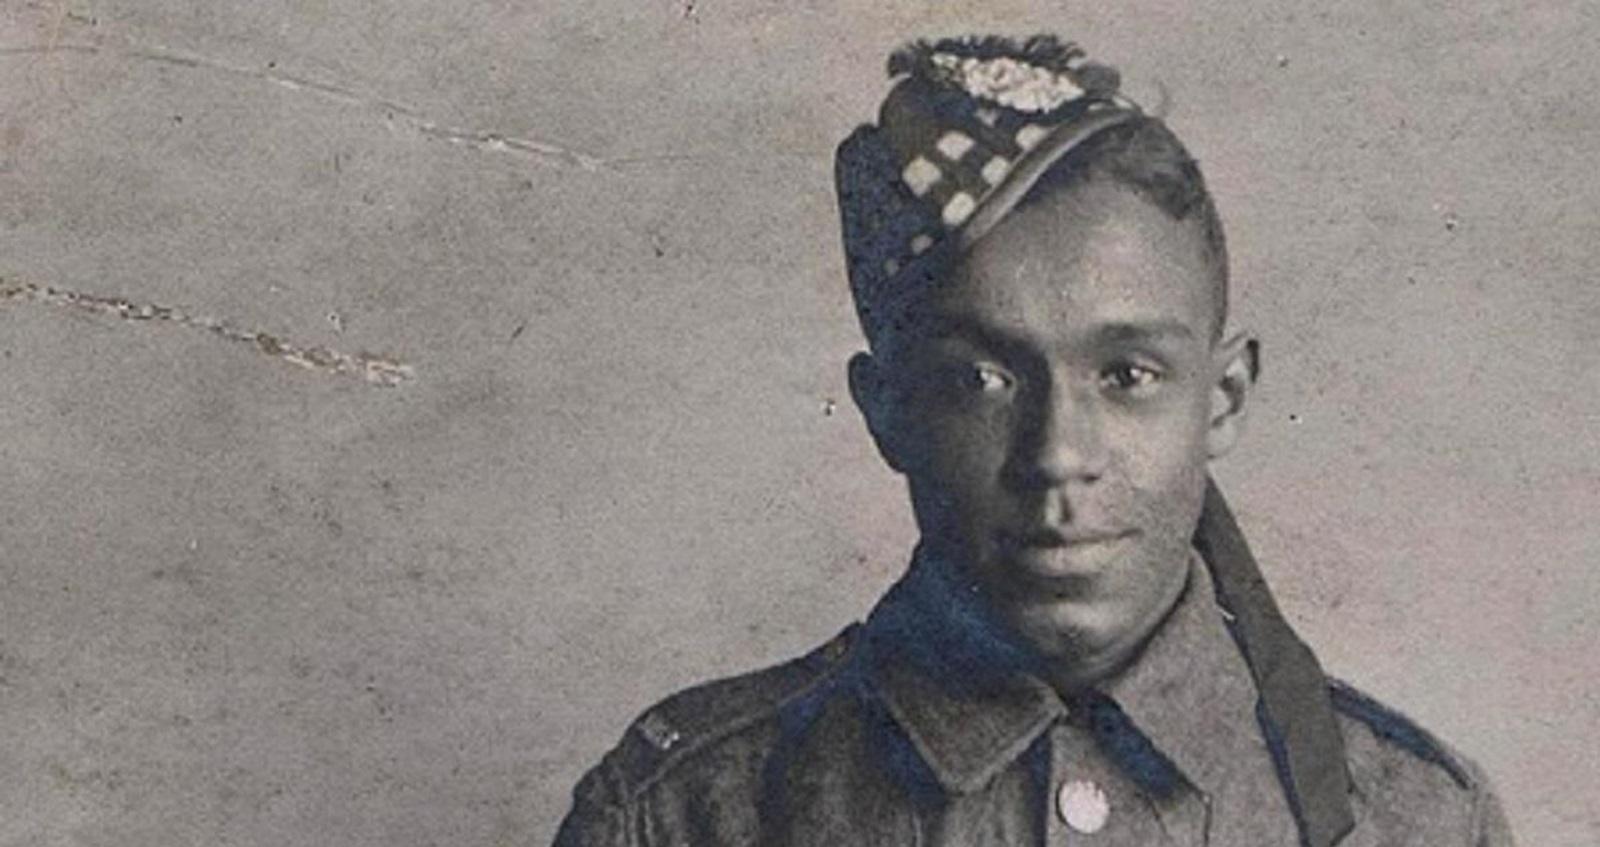 First World War soldier Arthur Roberts